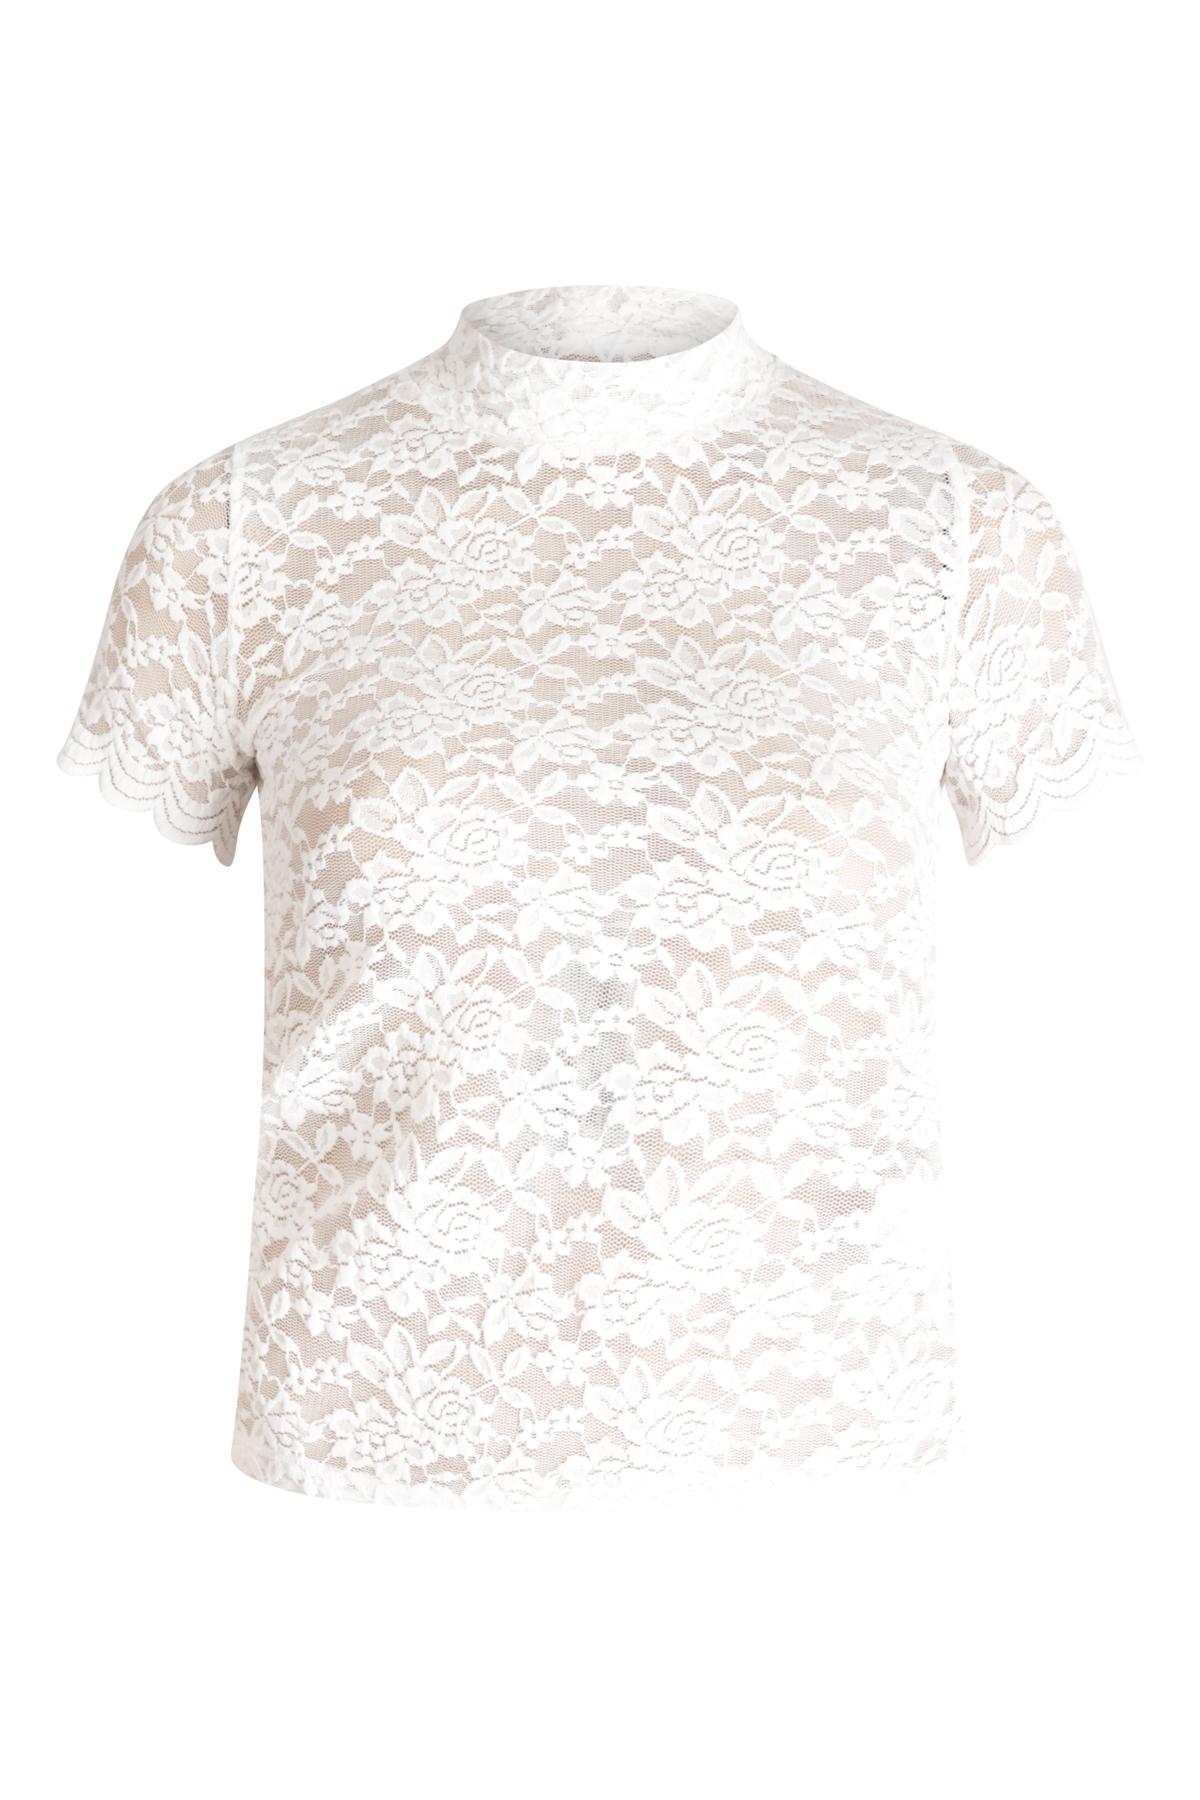 Femme9 Shirt - Top Ecru Mila